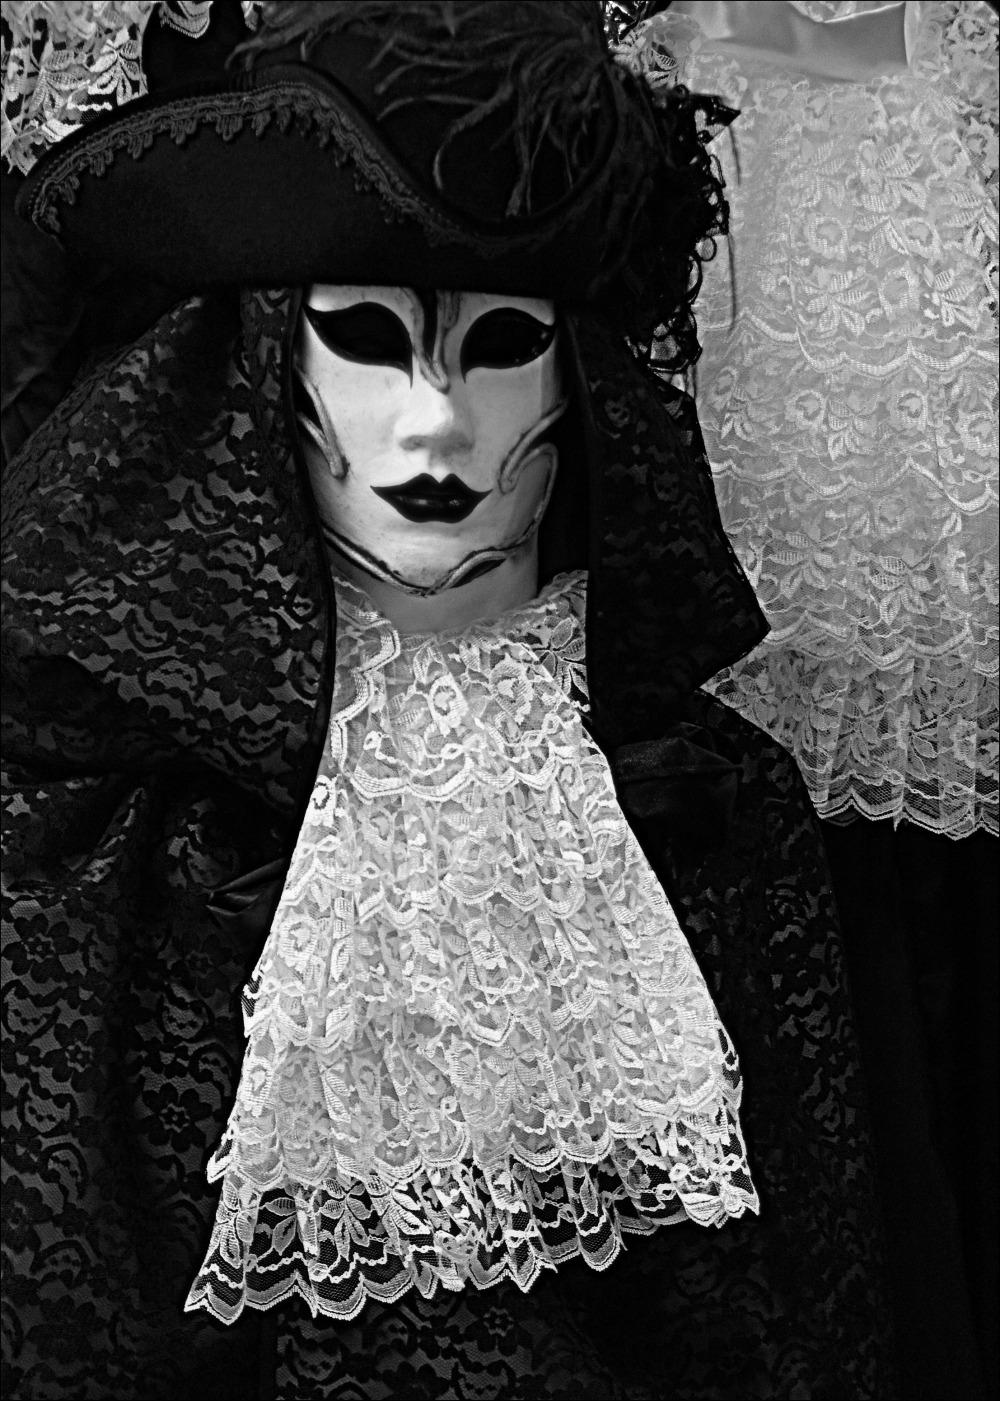 venice, carnival, mask, bw